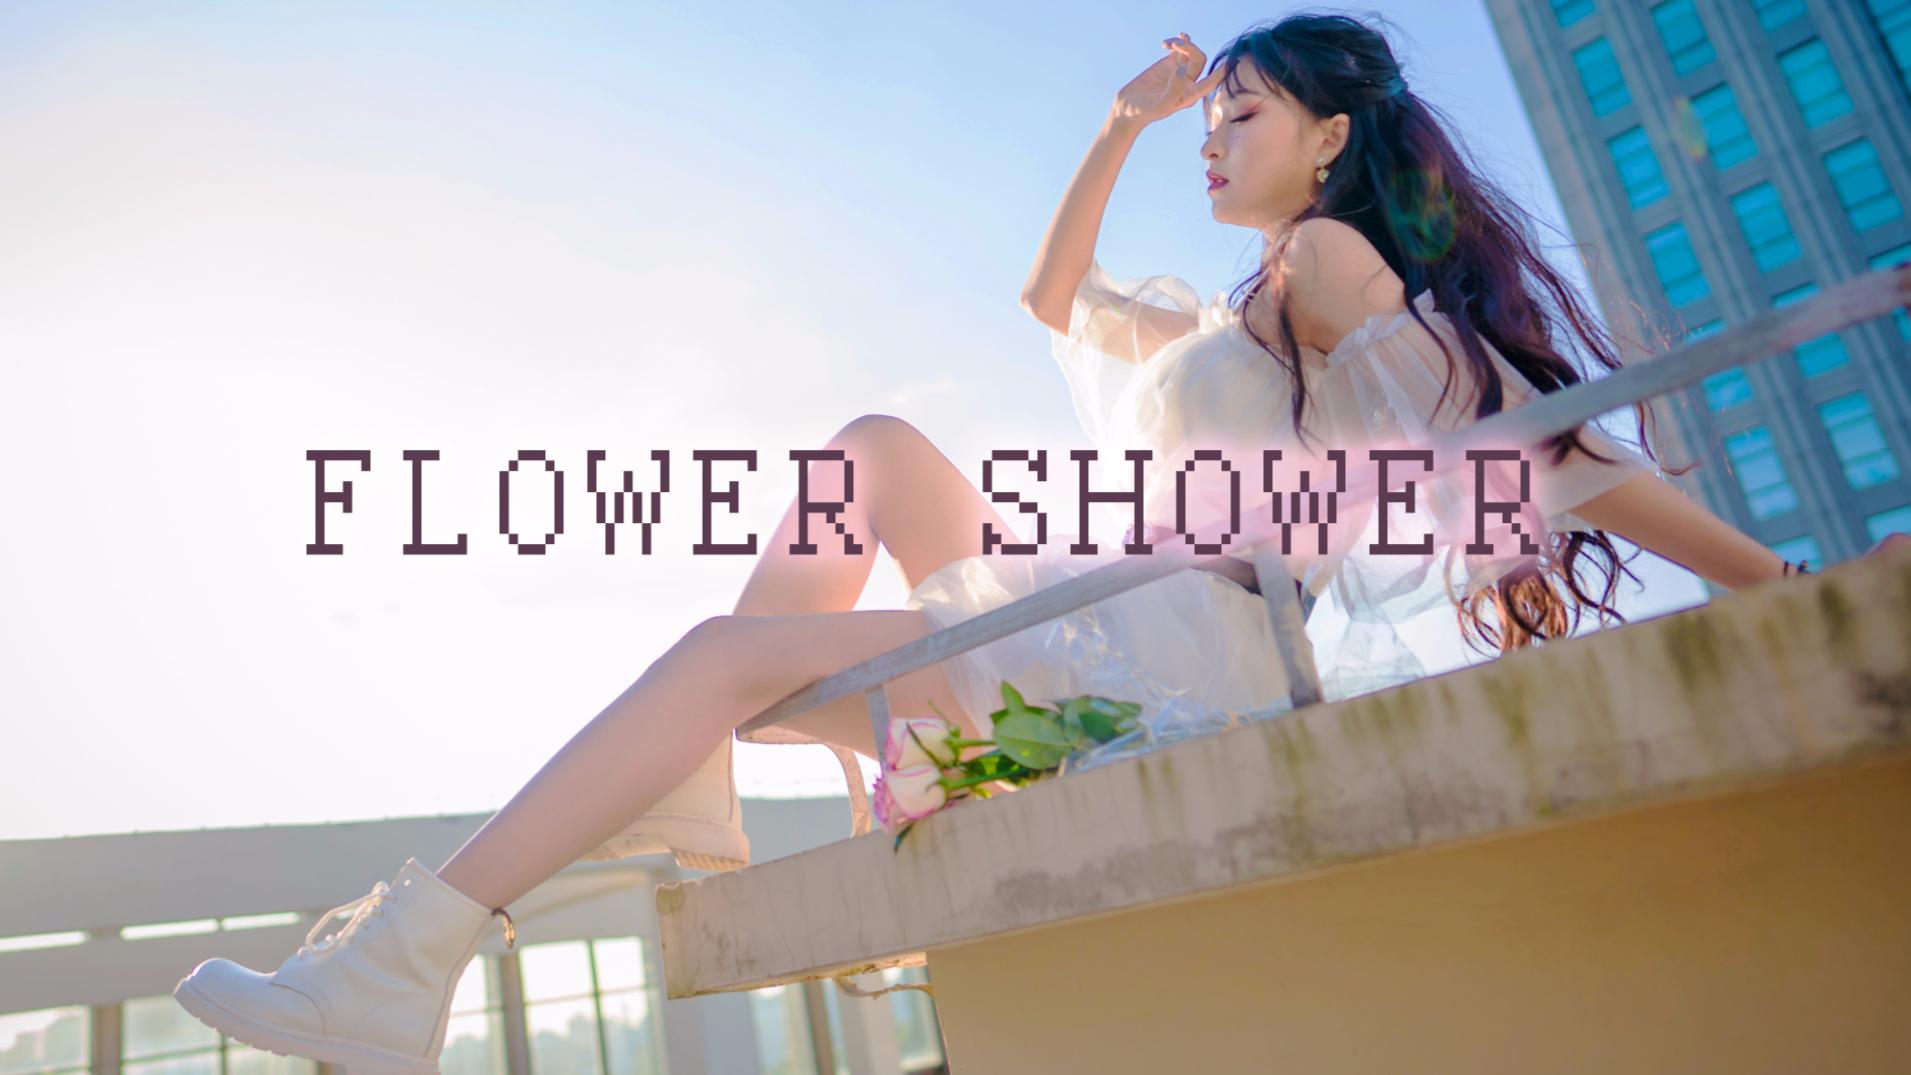 【睢南】【A等生】Flower shower洗个花瓣澡吧~【次元】